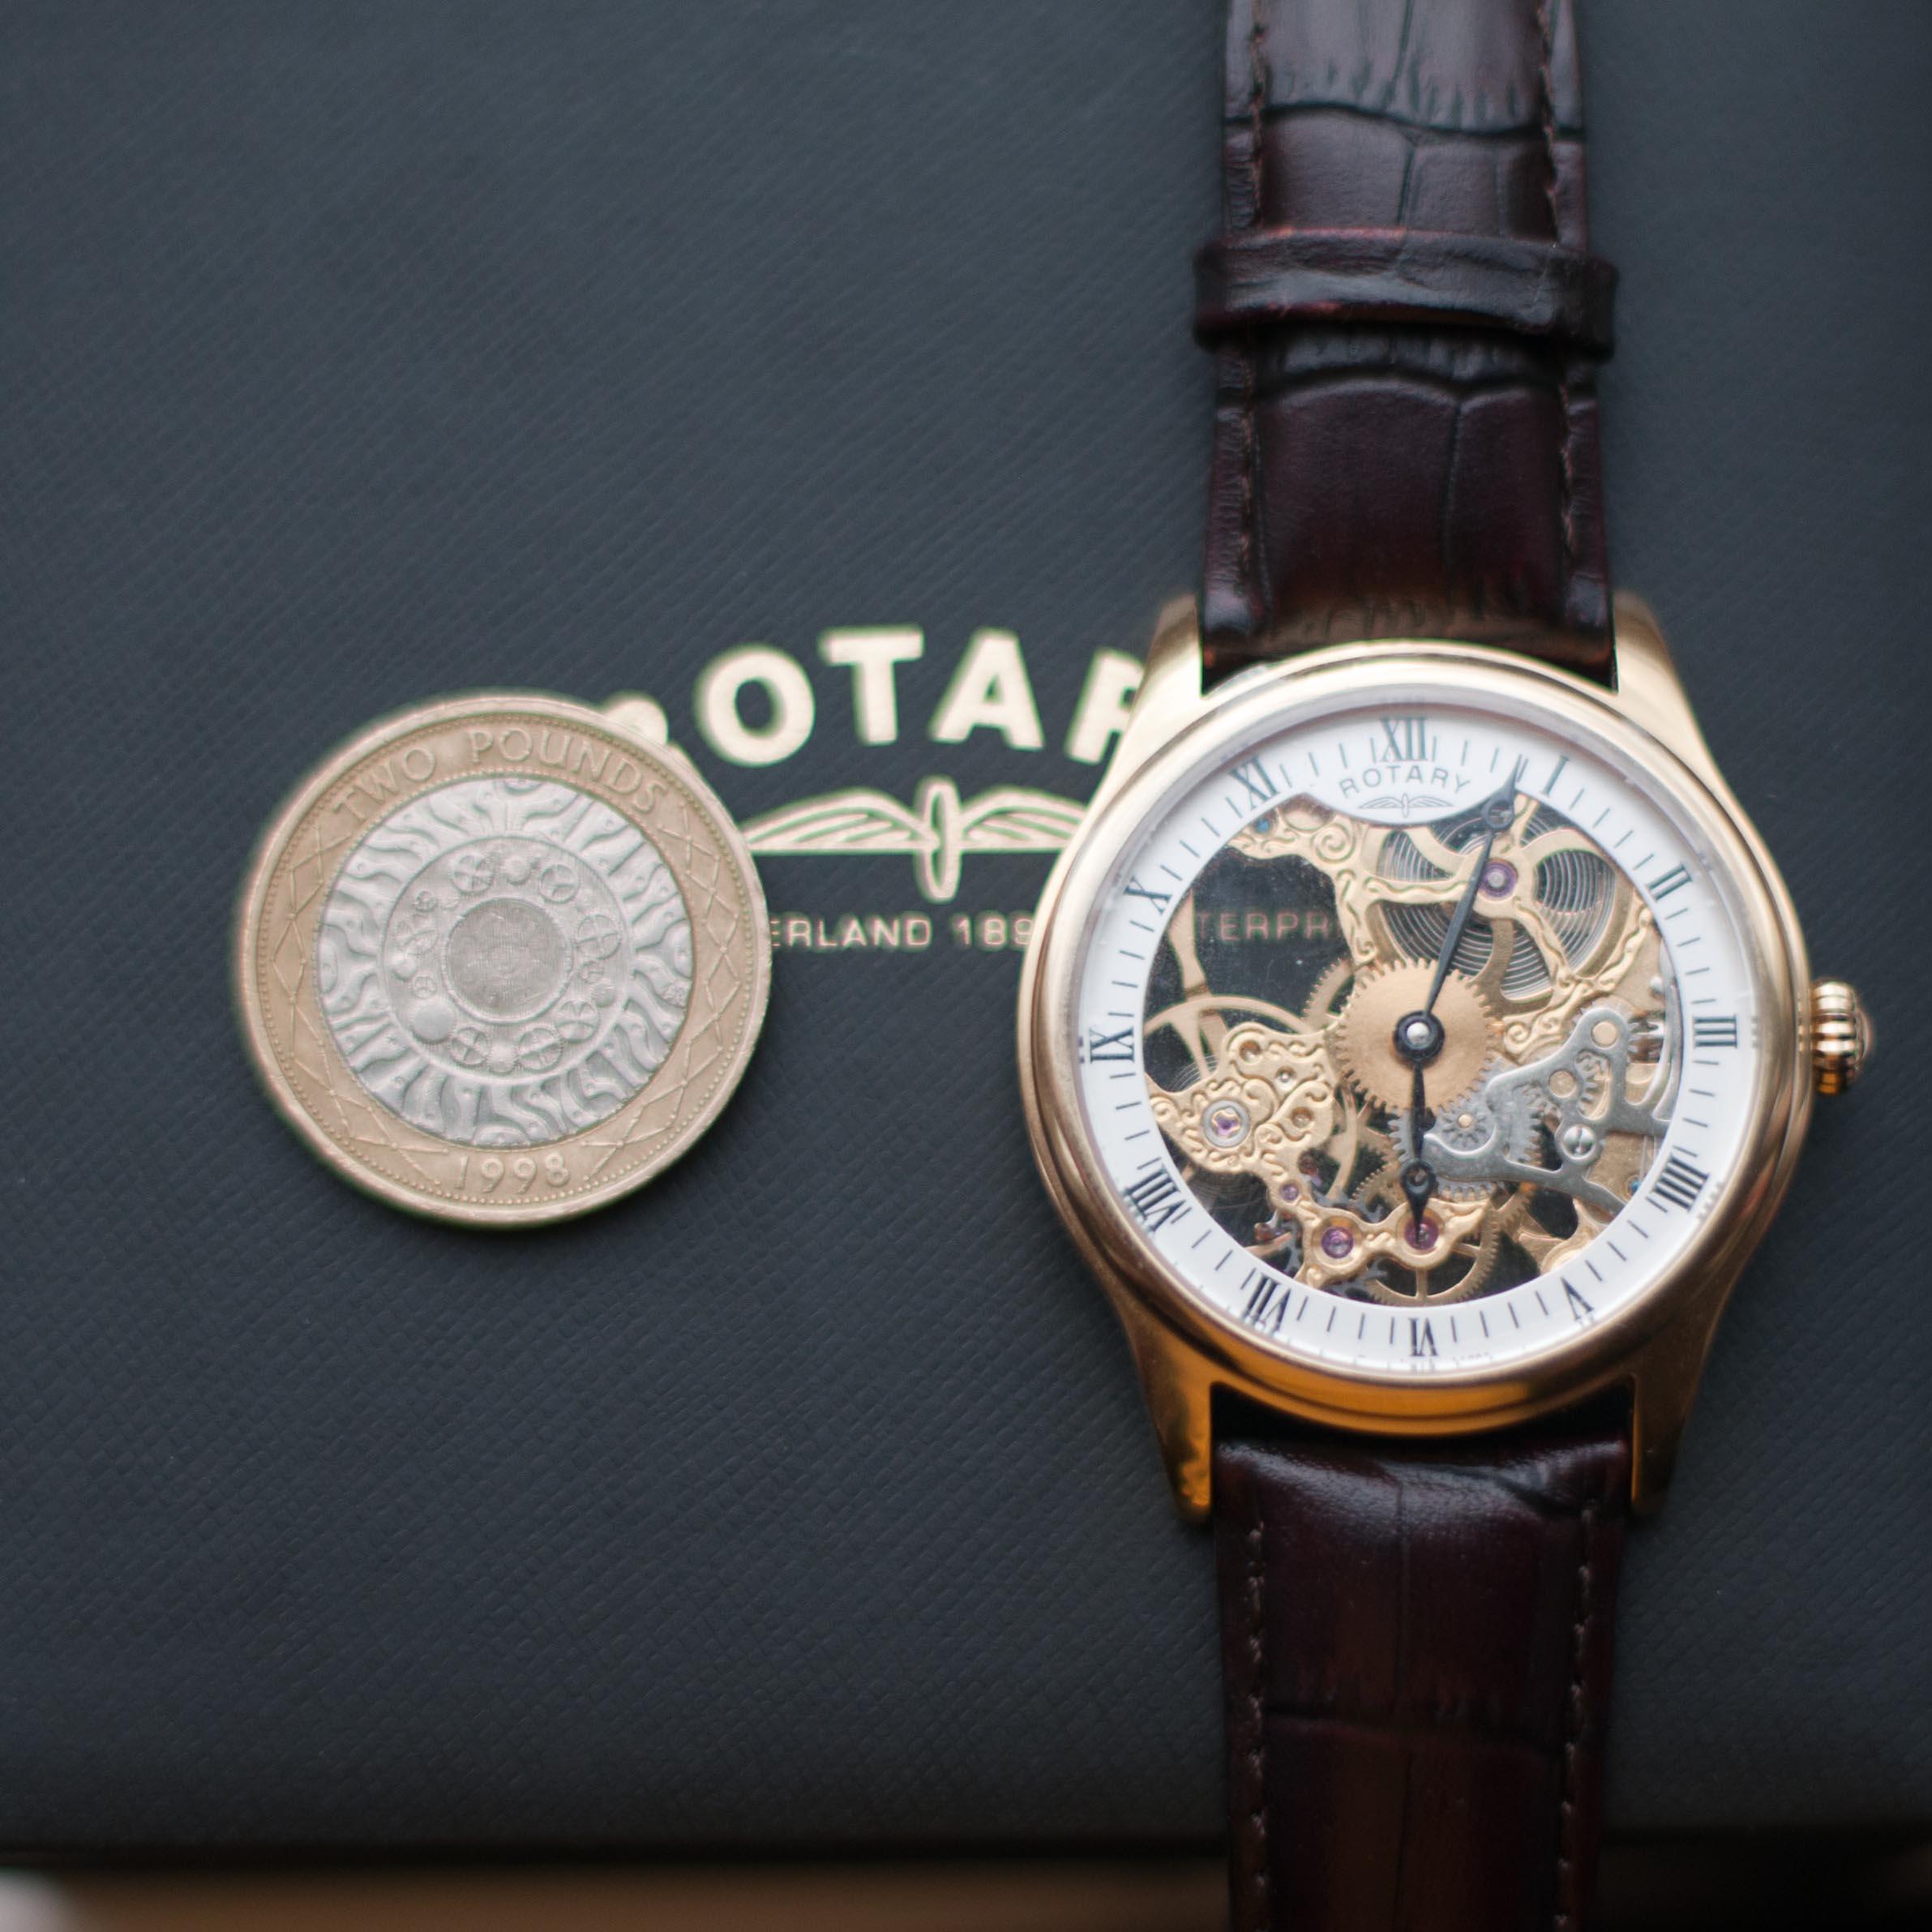 db1b0a1dd66a Gents Rotary Vintage Skeleton Watch (GS02520 03)